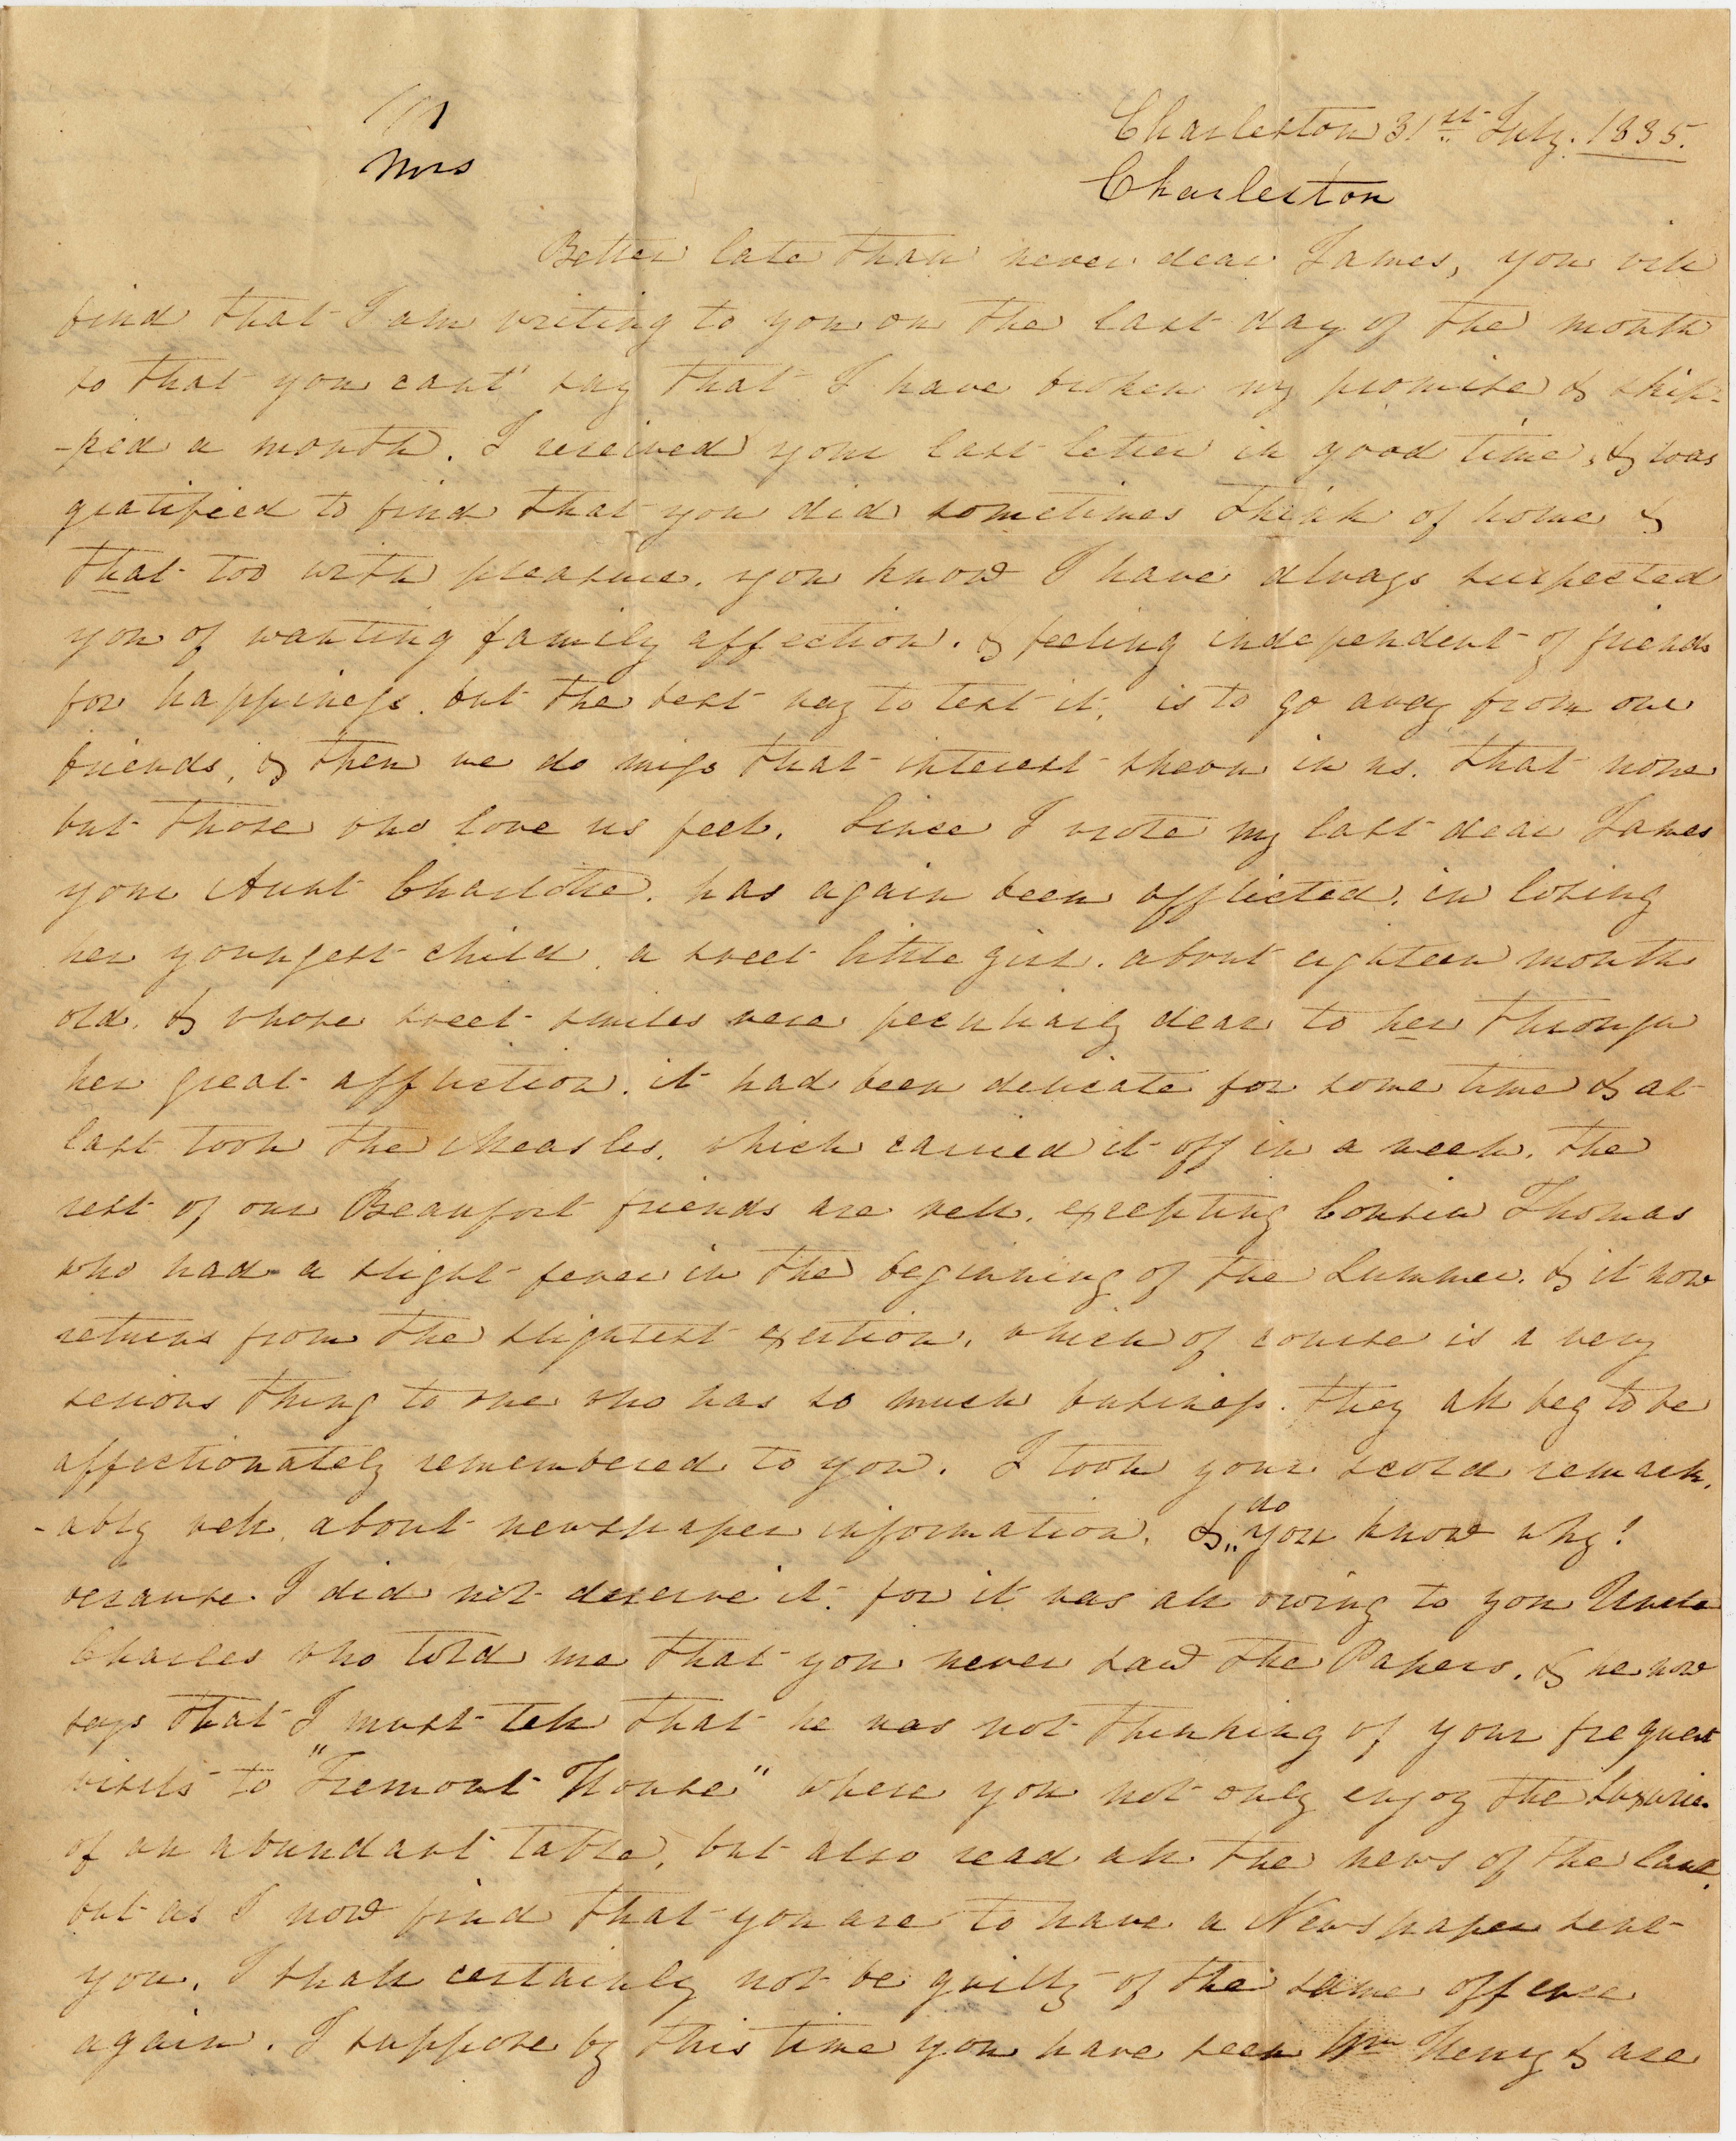 059. Aunt to James B. Heyward -- July 31, 1835